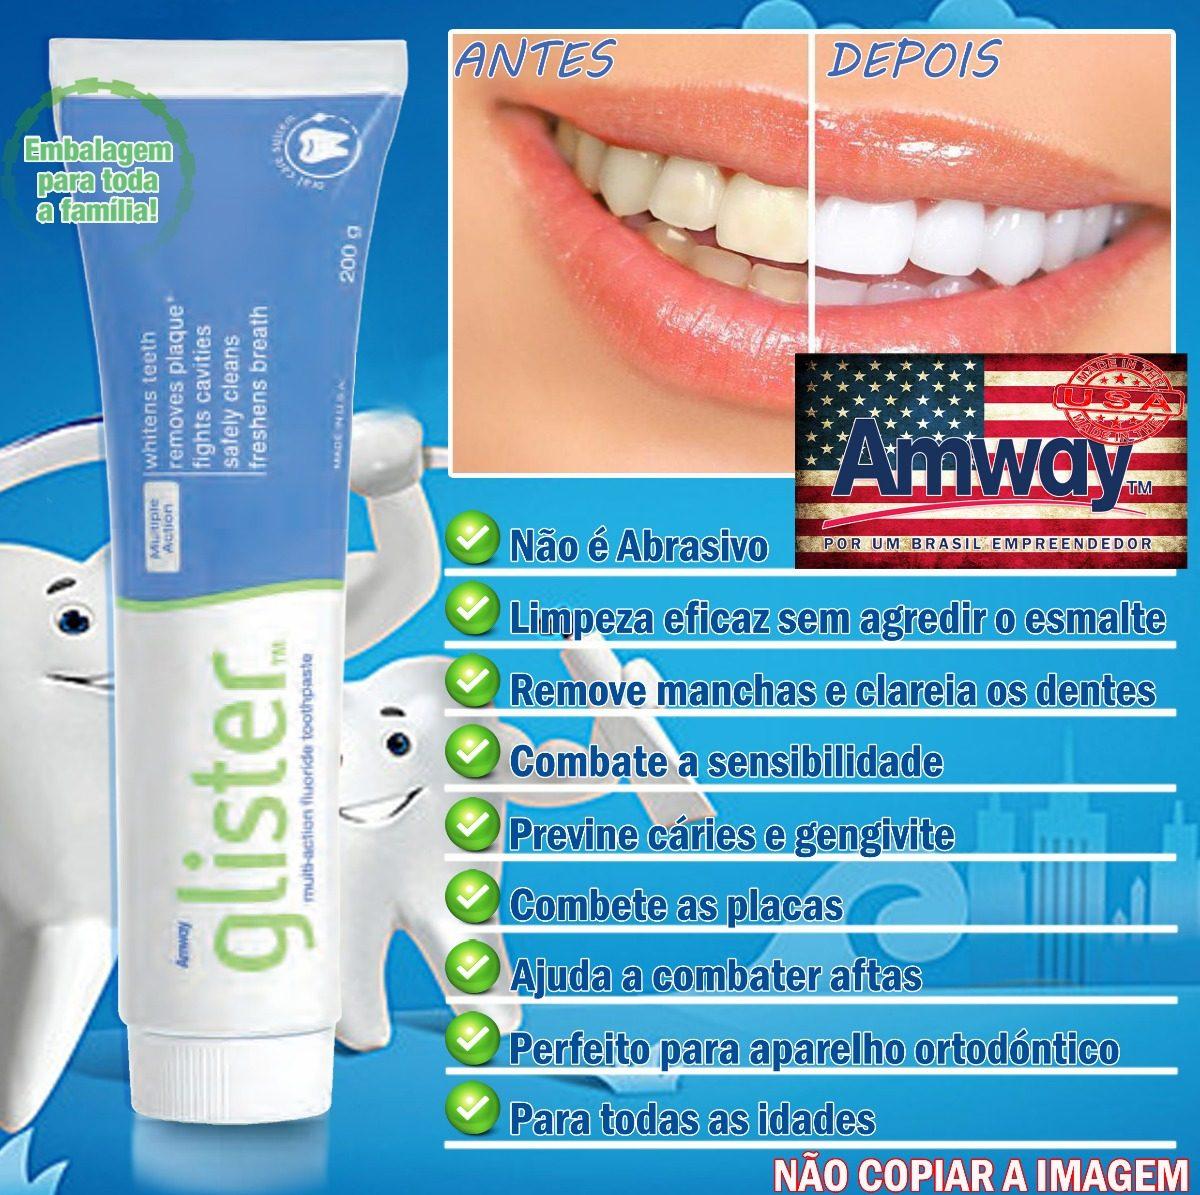 Creme Dental 2 X Pasta De Dente Multiacao Glister 200g Amway R 52